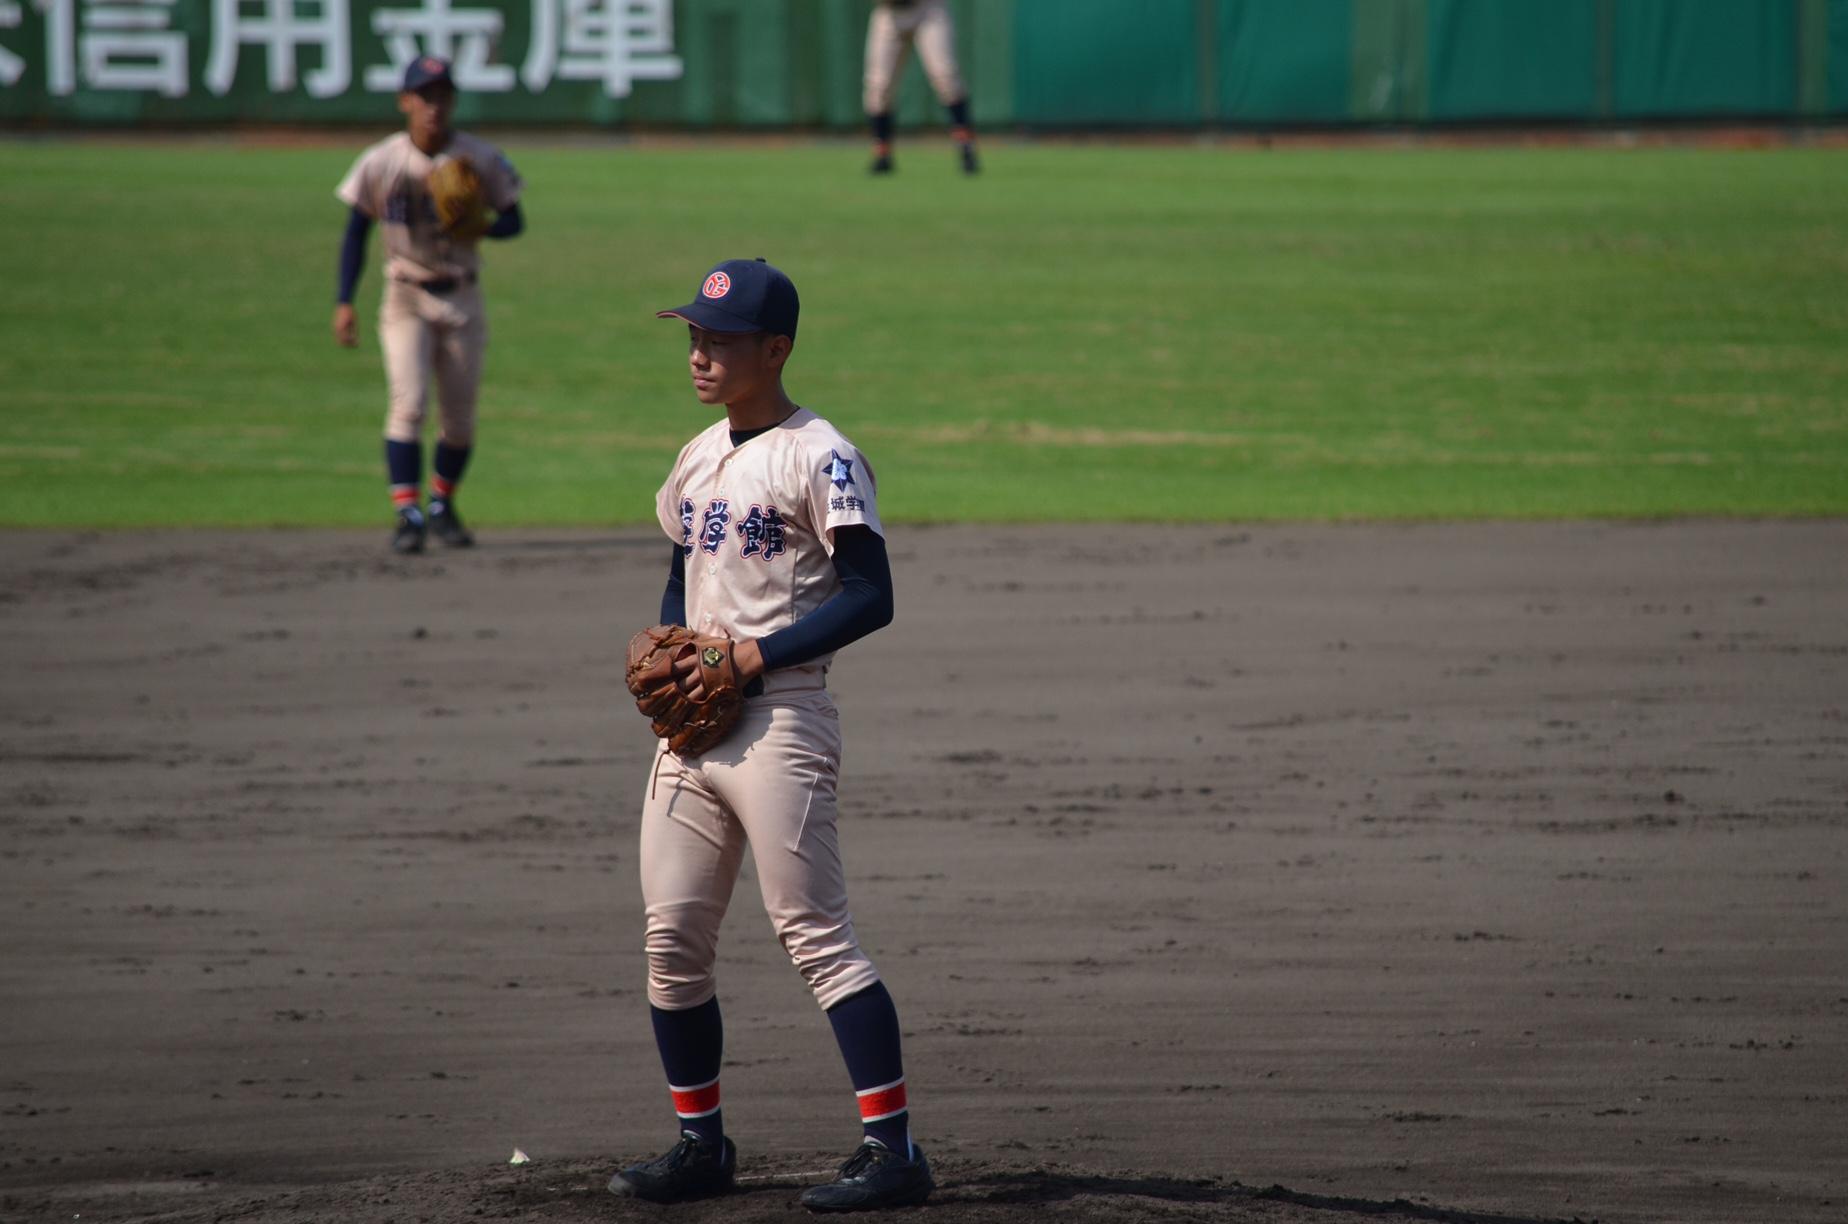 第135回 北信越高校野球石川大会(秋) 第3代表決定戦 VS小松大谷